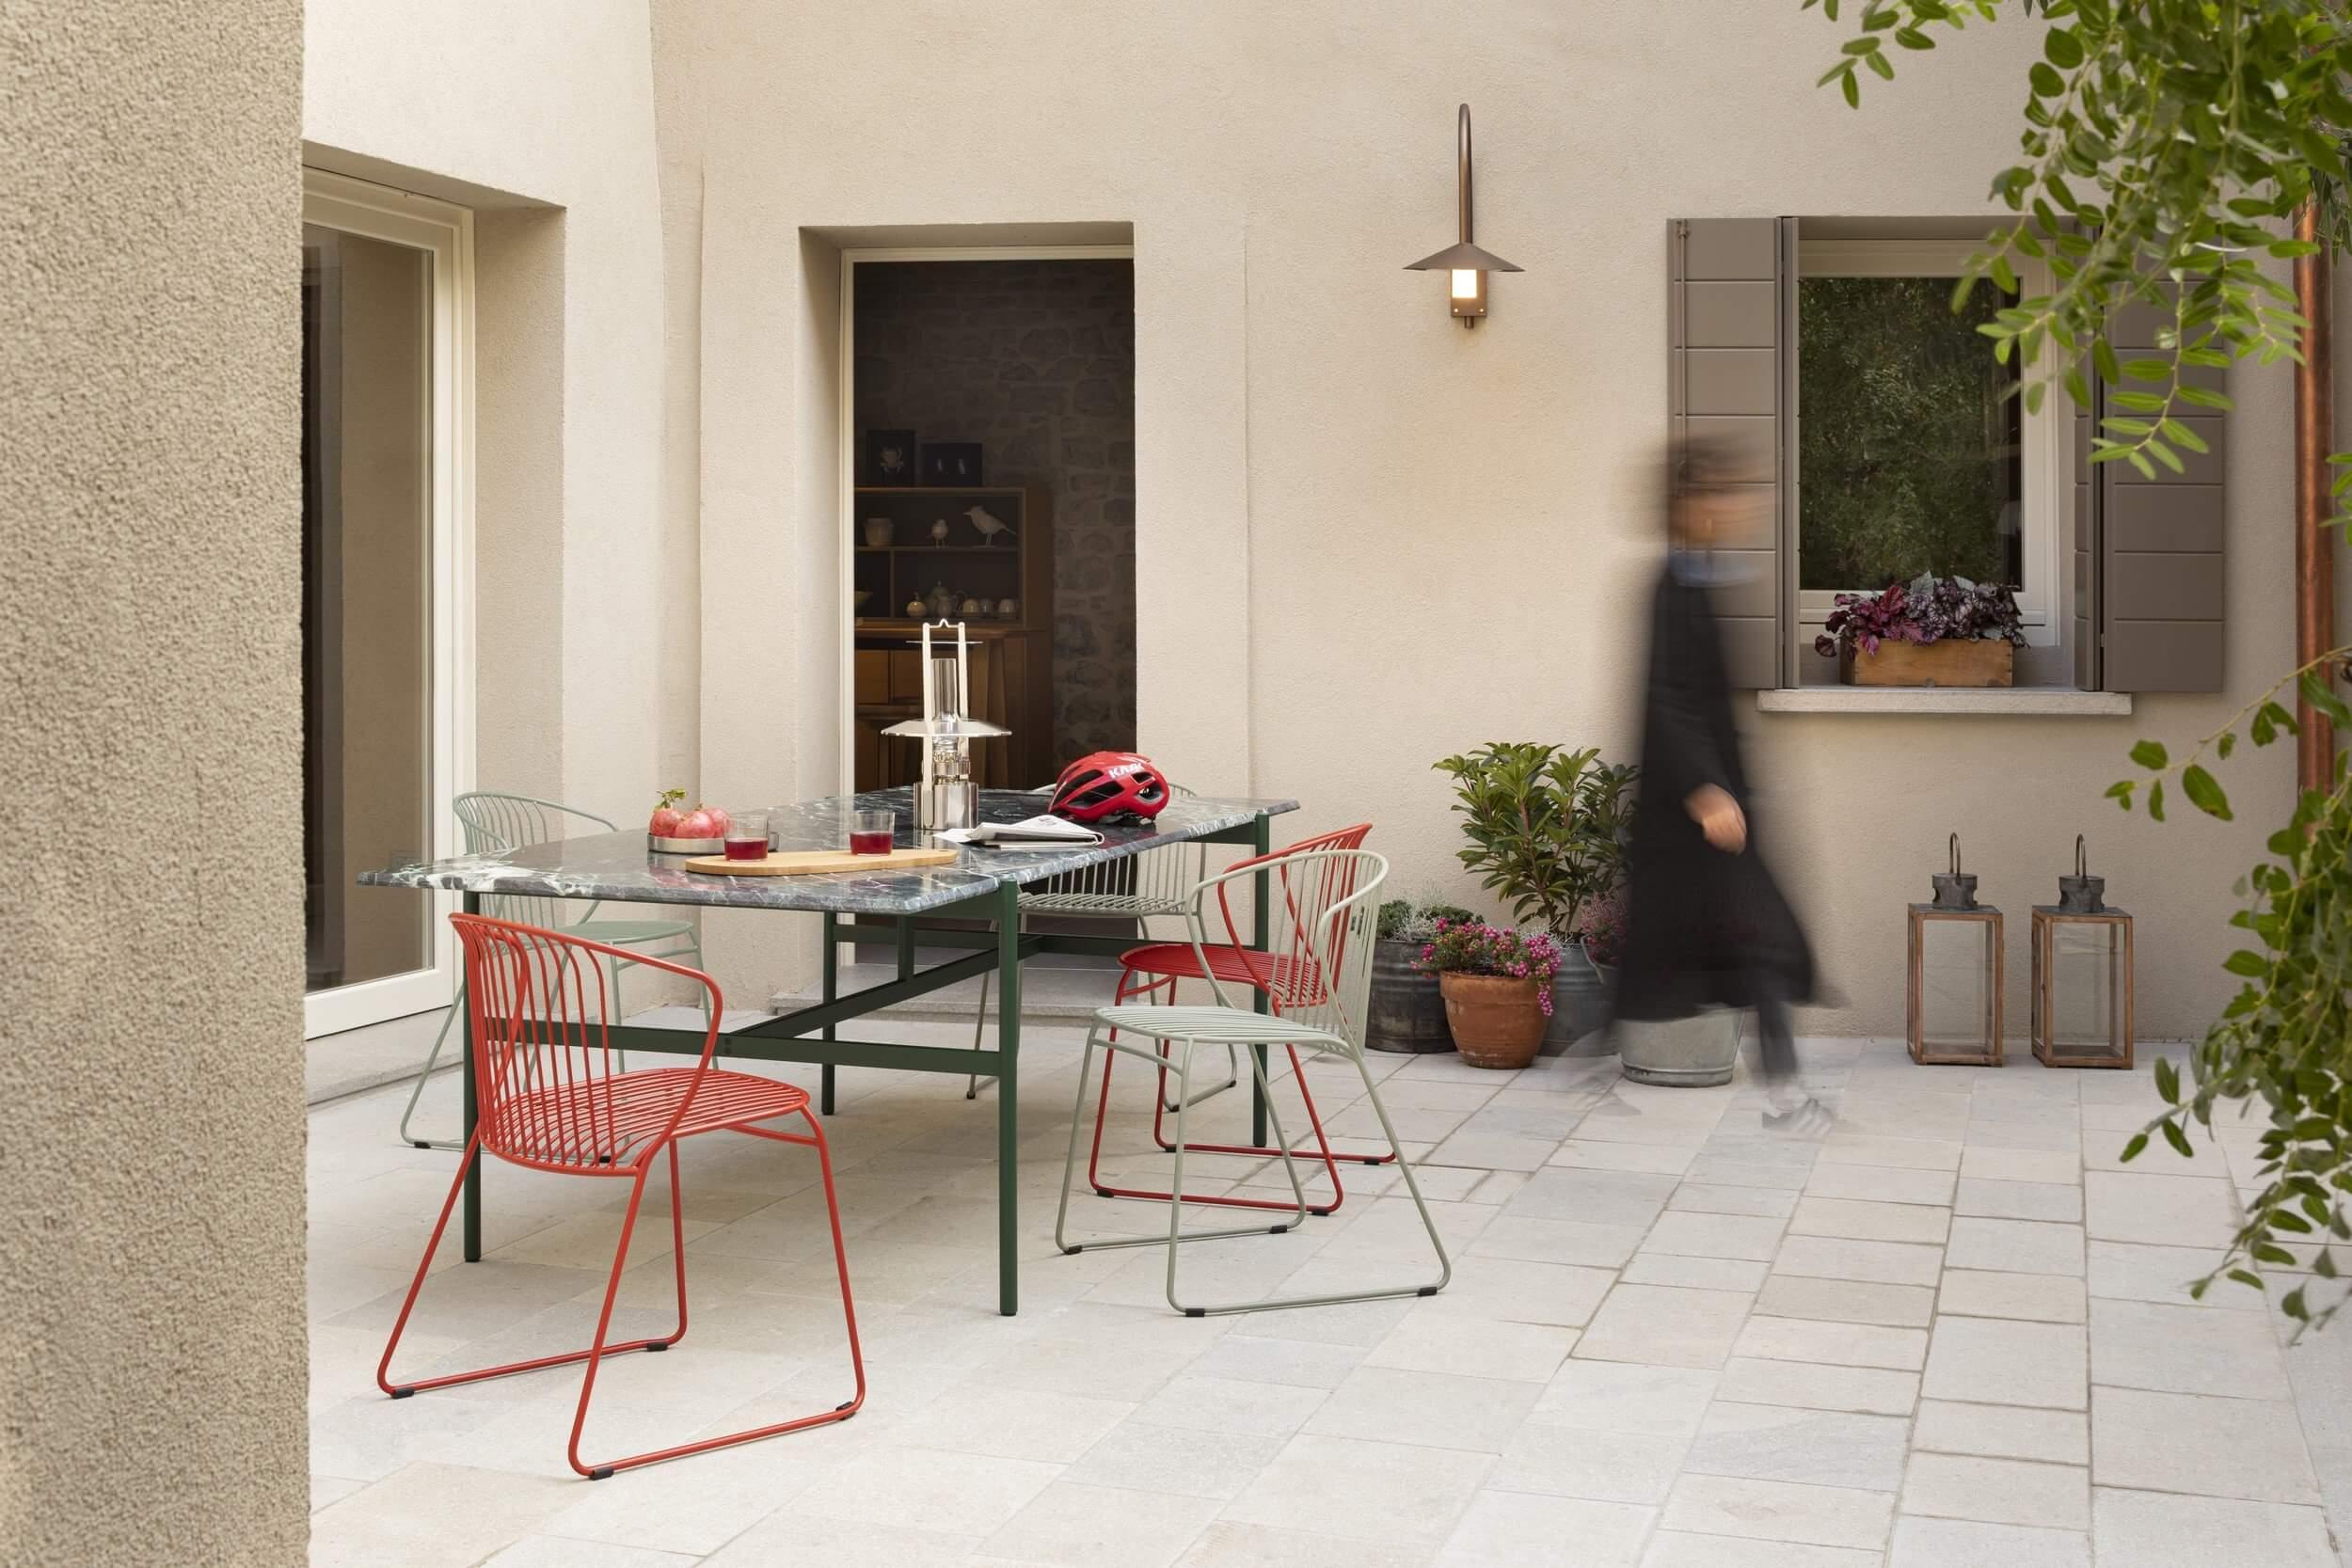 Une chaise de terrasse professionnel pour utilisation en extérieur.